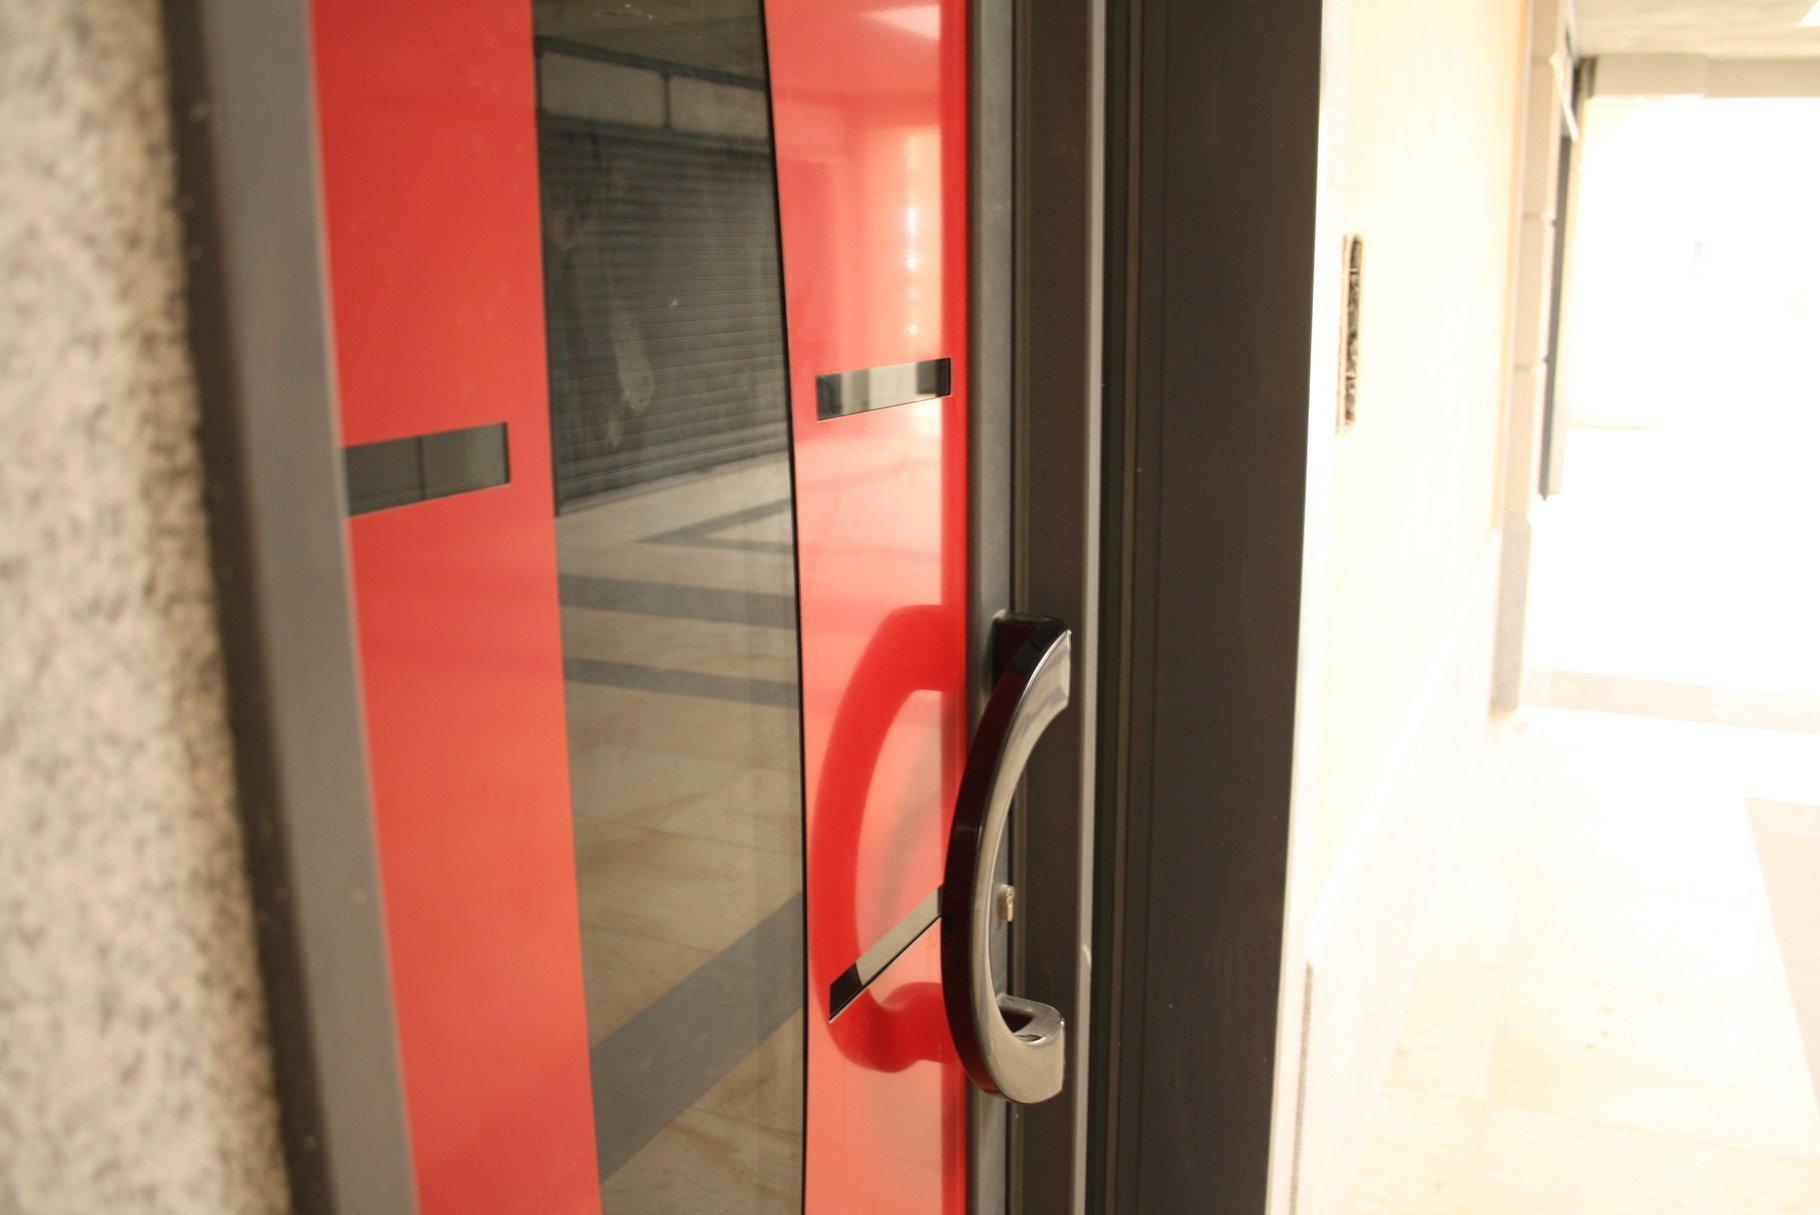 dettaglio porta rossa